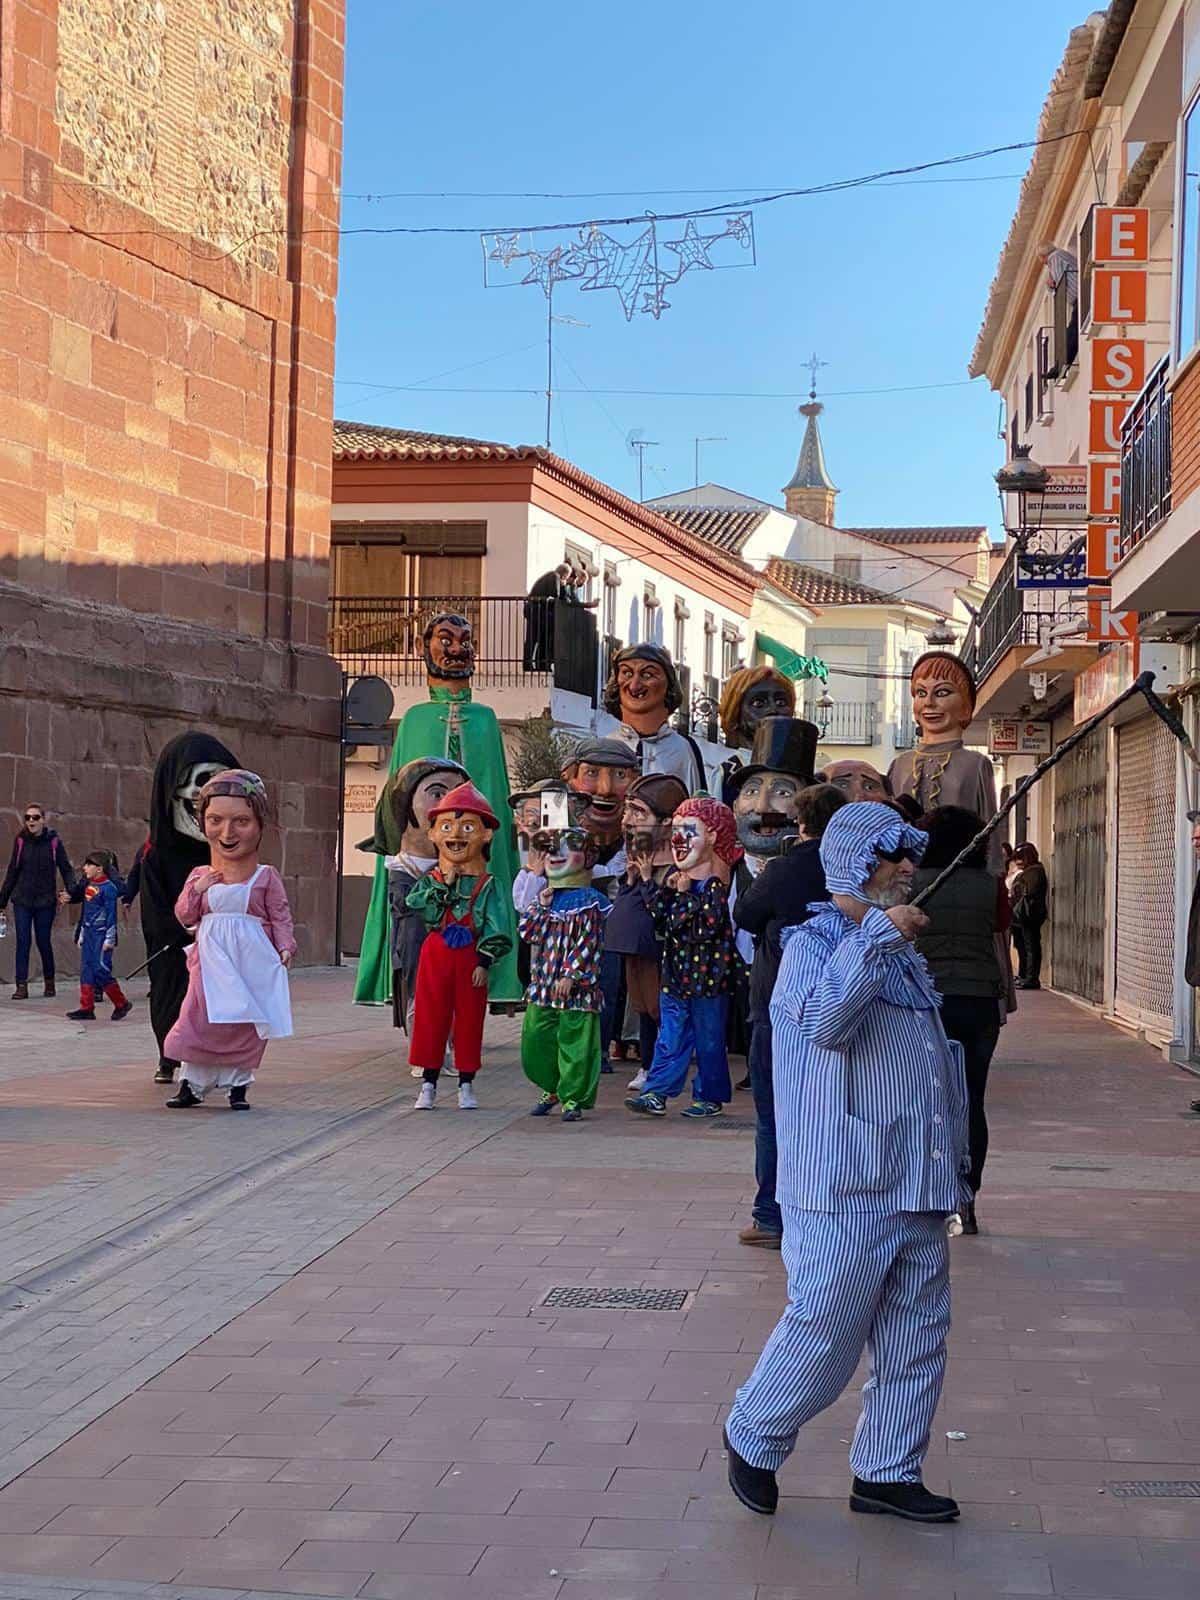 Carnaval herencia 2020 pasacalles domingo deseosas 36 - El Domingo de las Deseosas invita a todo el mundo al Carnaval de Herencia